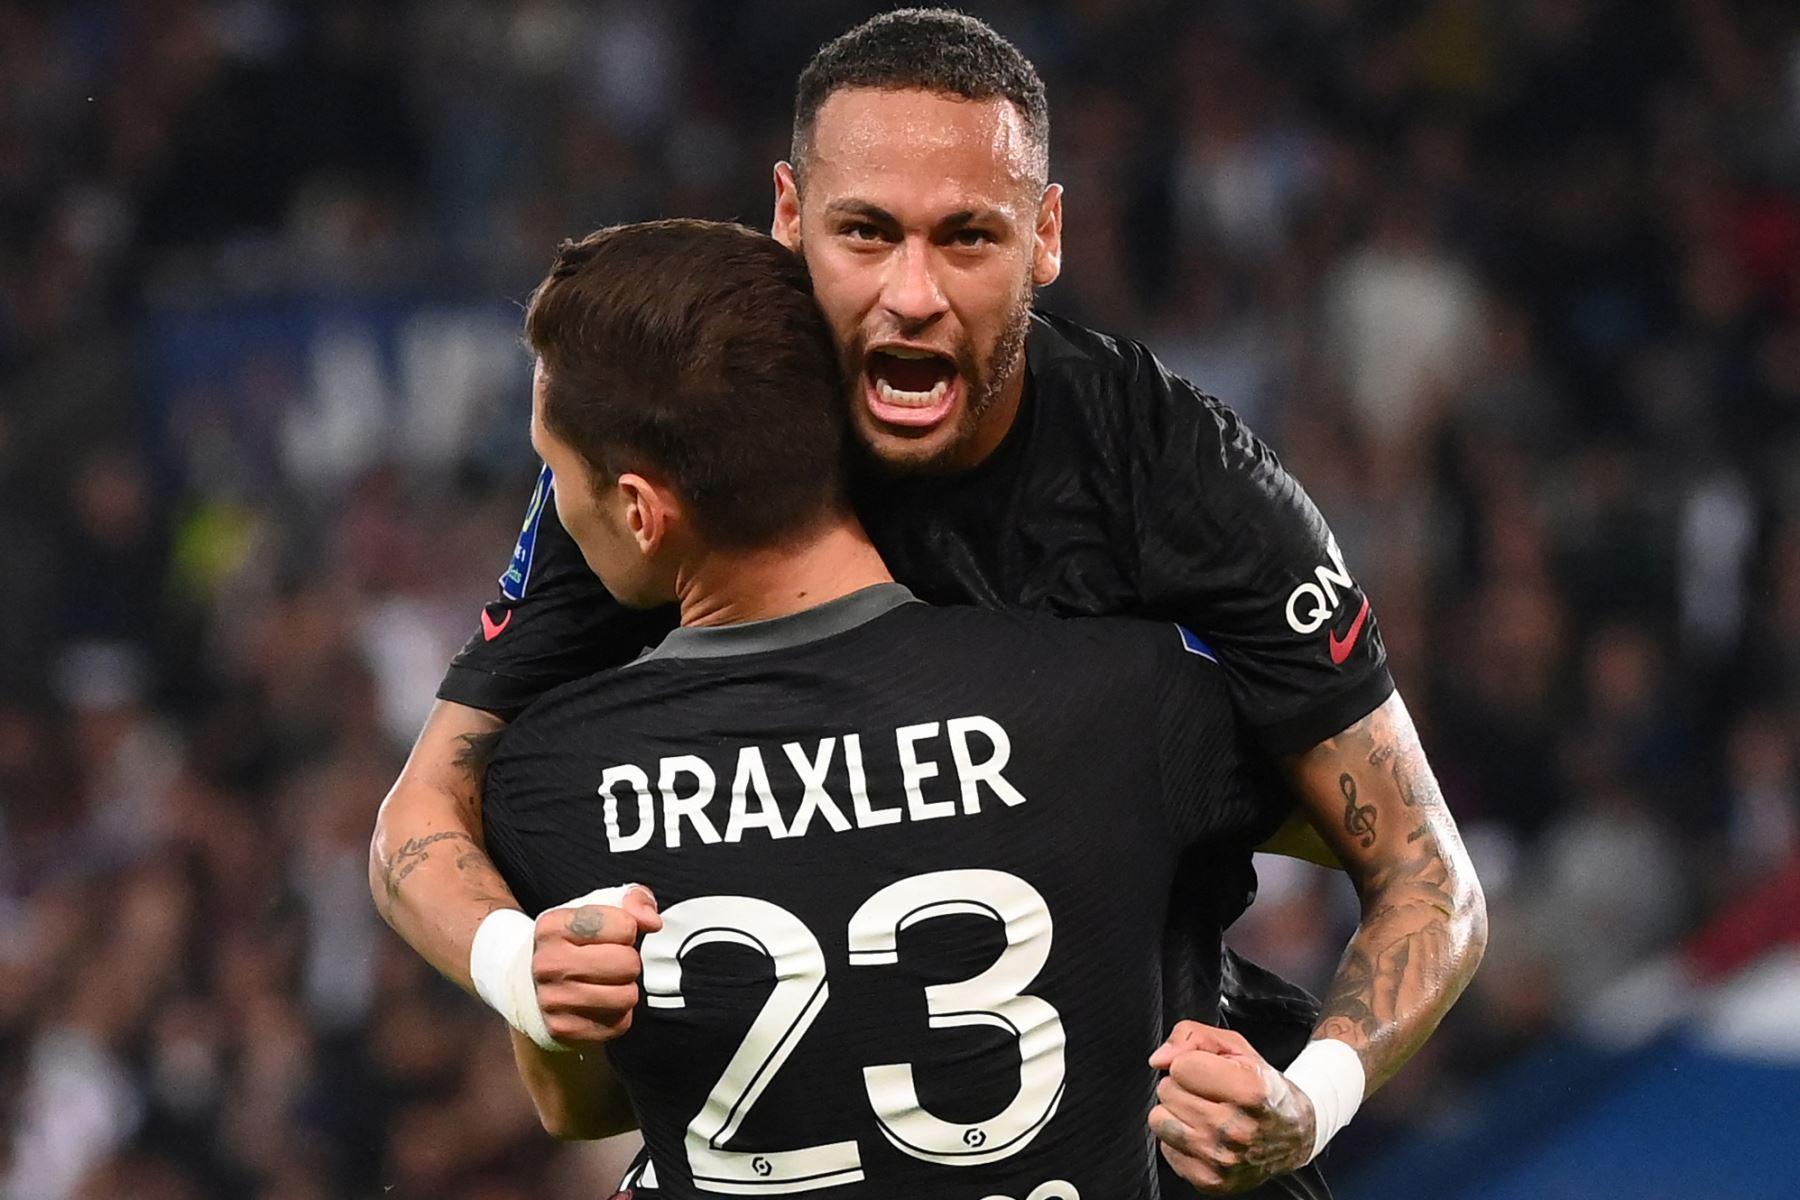 El centrocampista alemán del Paris Saint-Germain Julian Draxler celebra con el delantero brasileño del Paris Saint-Germain Neymar tras marcar un gol durante el partido de fútbol francés L1 entre Paris Saint-Germain (PSG) y Montpellier (MHSC). Foto: AFP